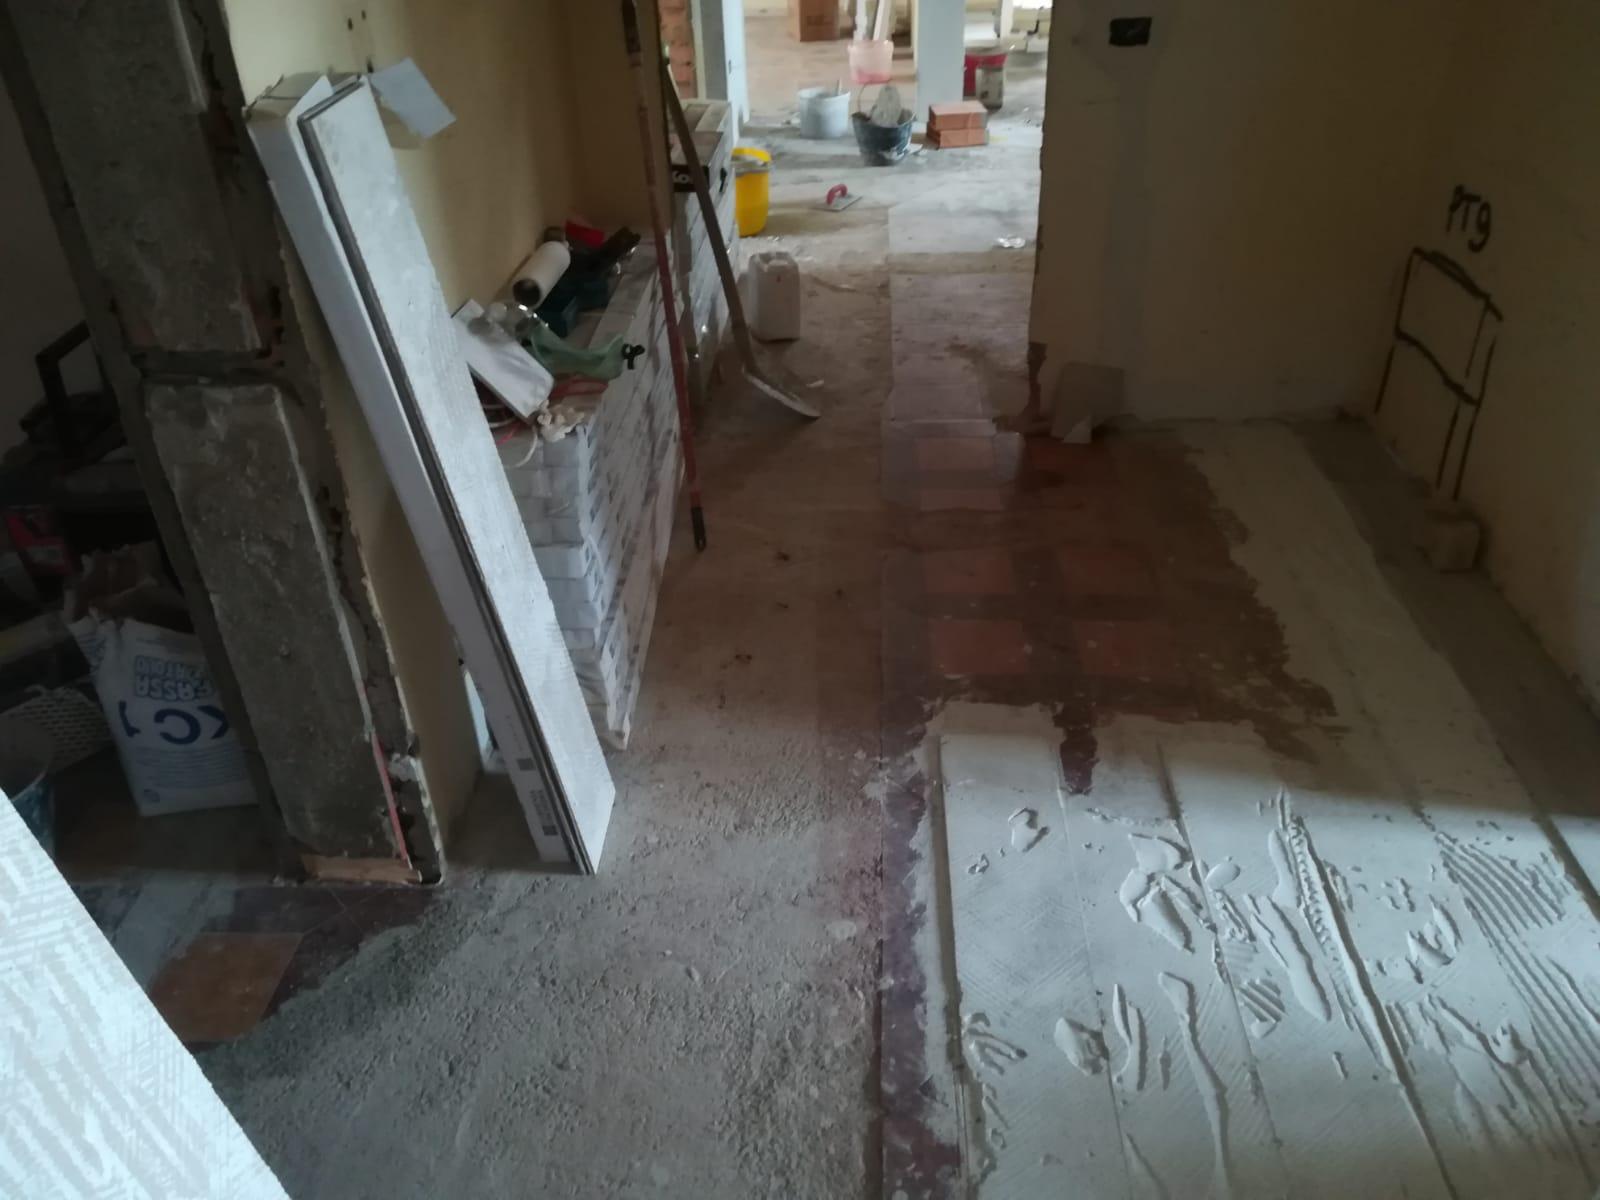 demolizione pavimenti edil 900 costruzioni canossa val d'enza reggio emilia parma